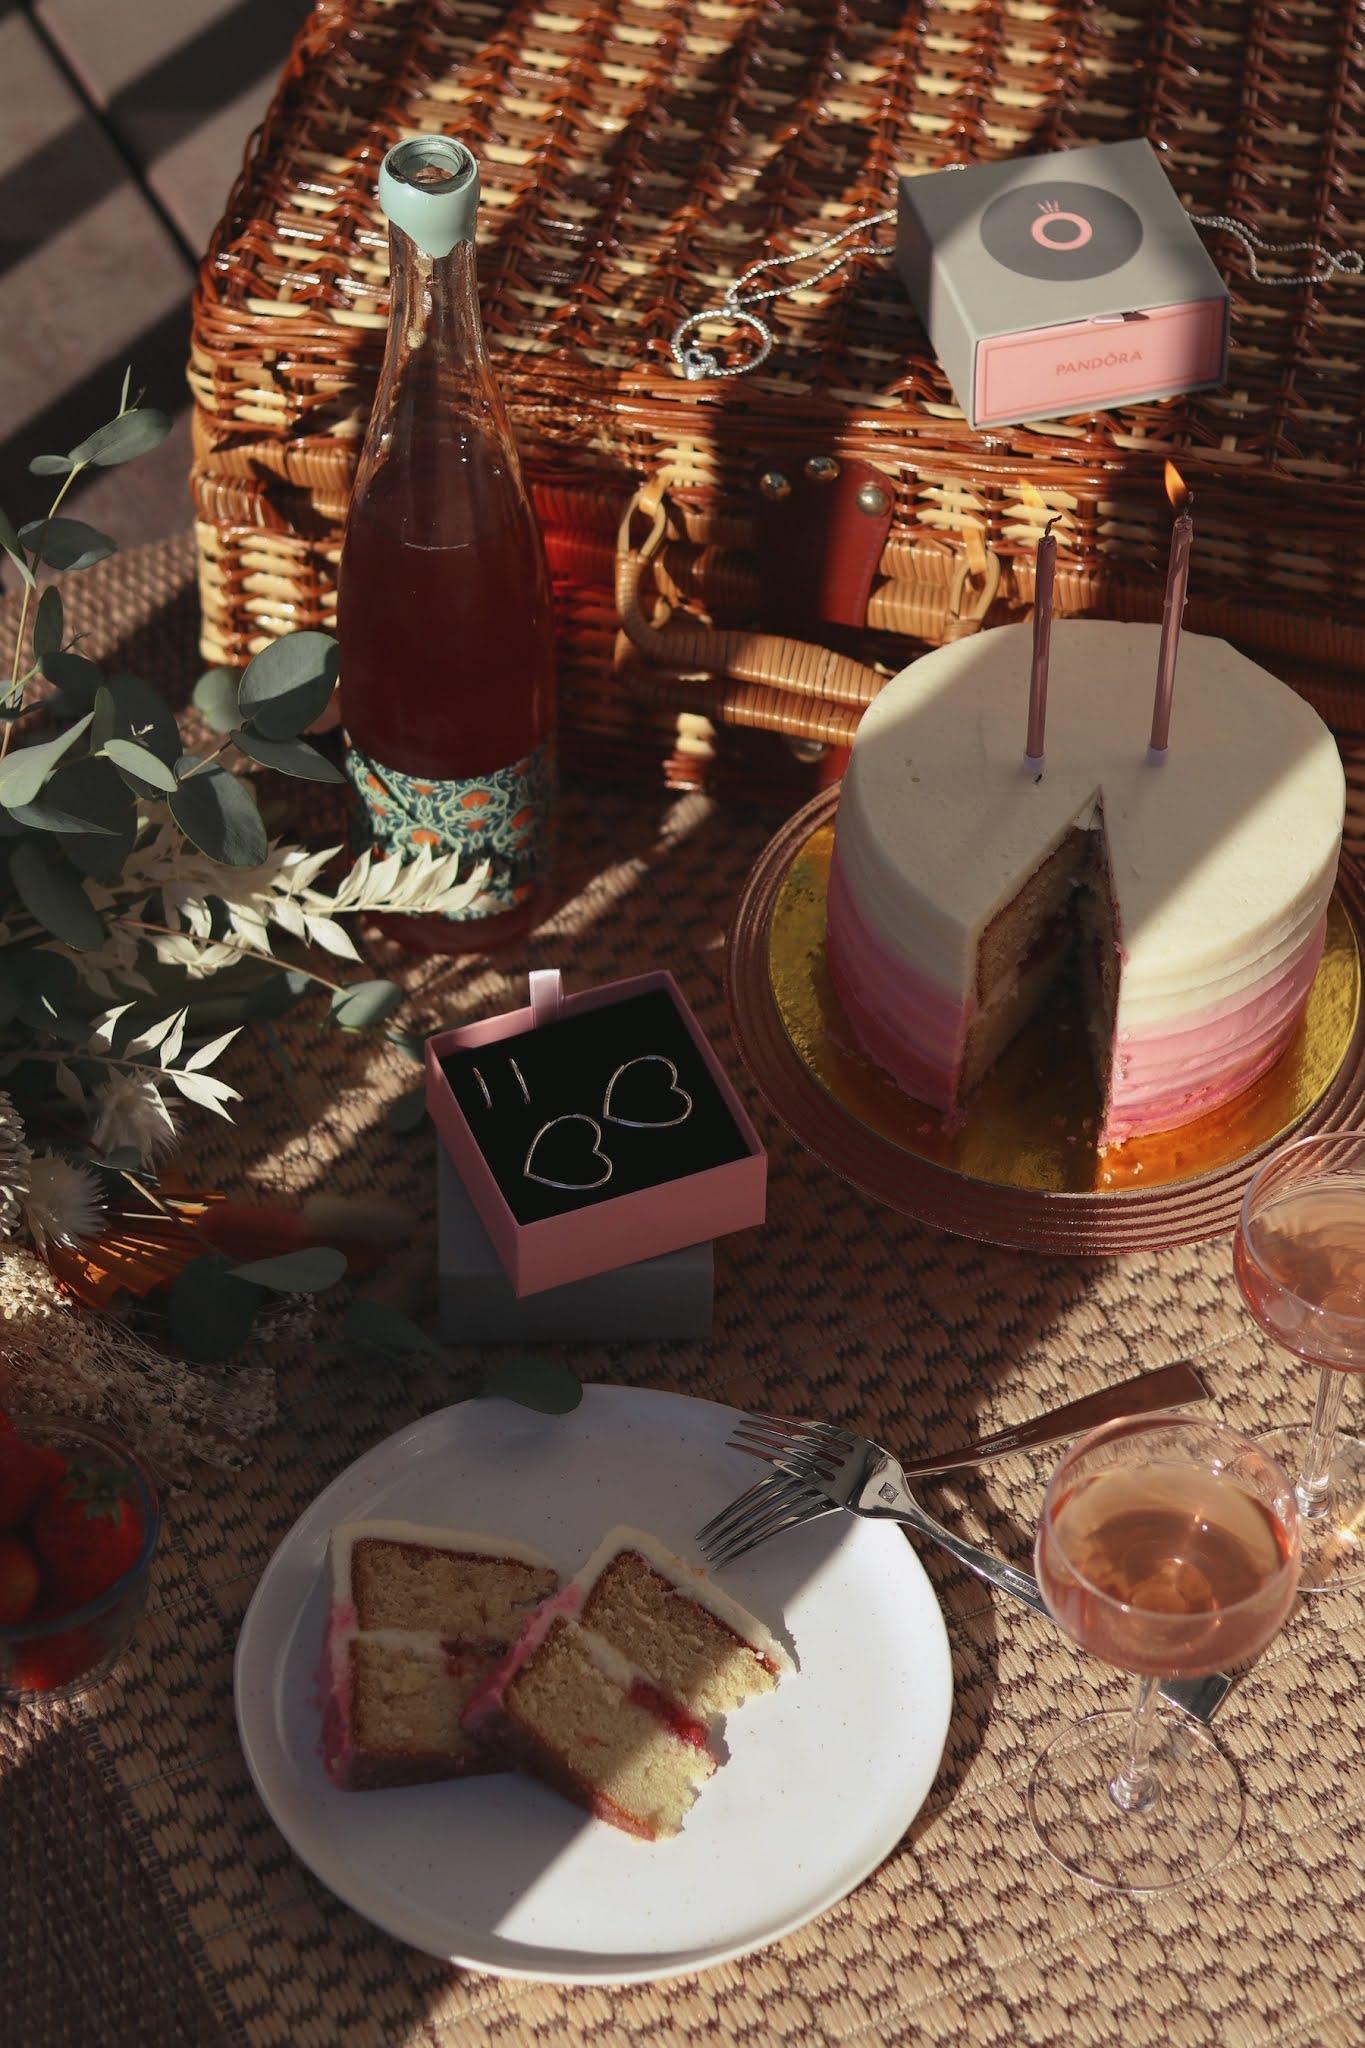 Pandora Icons picnic